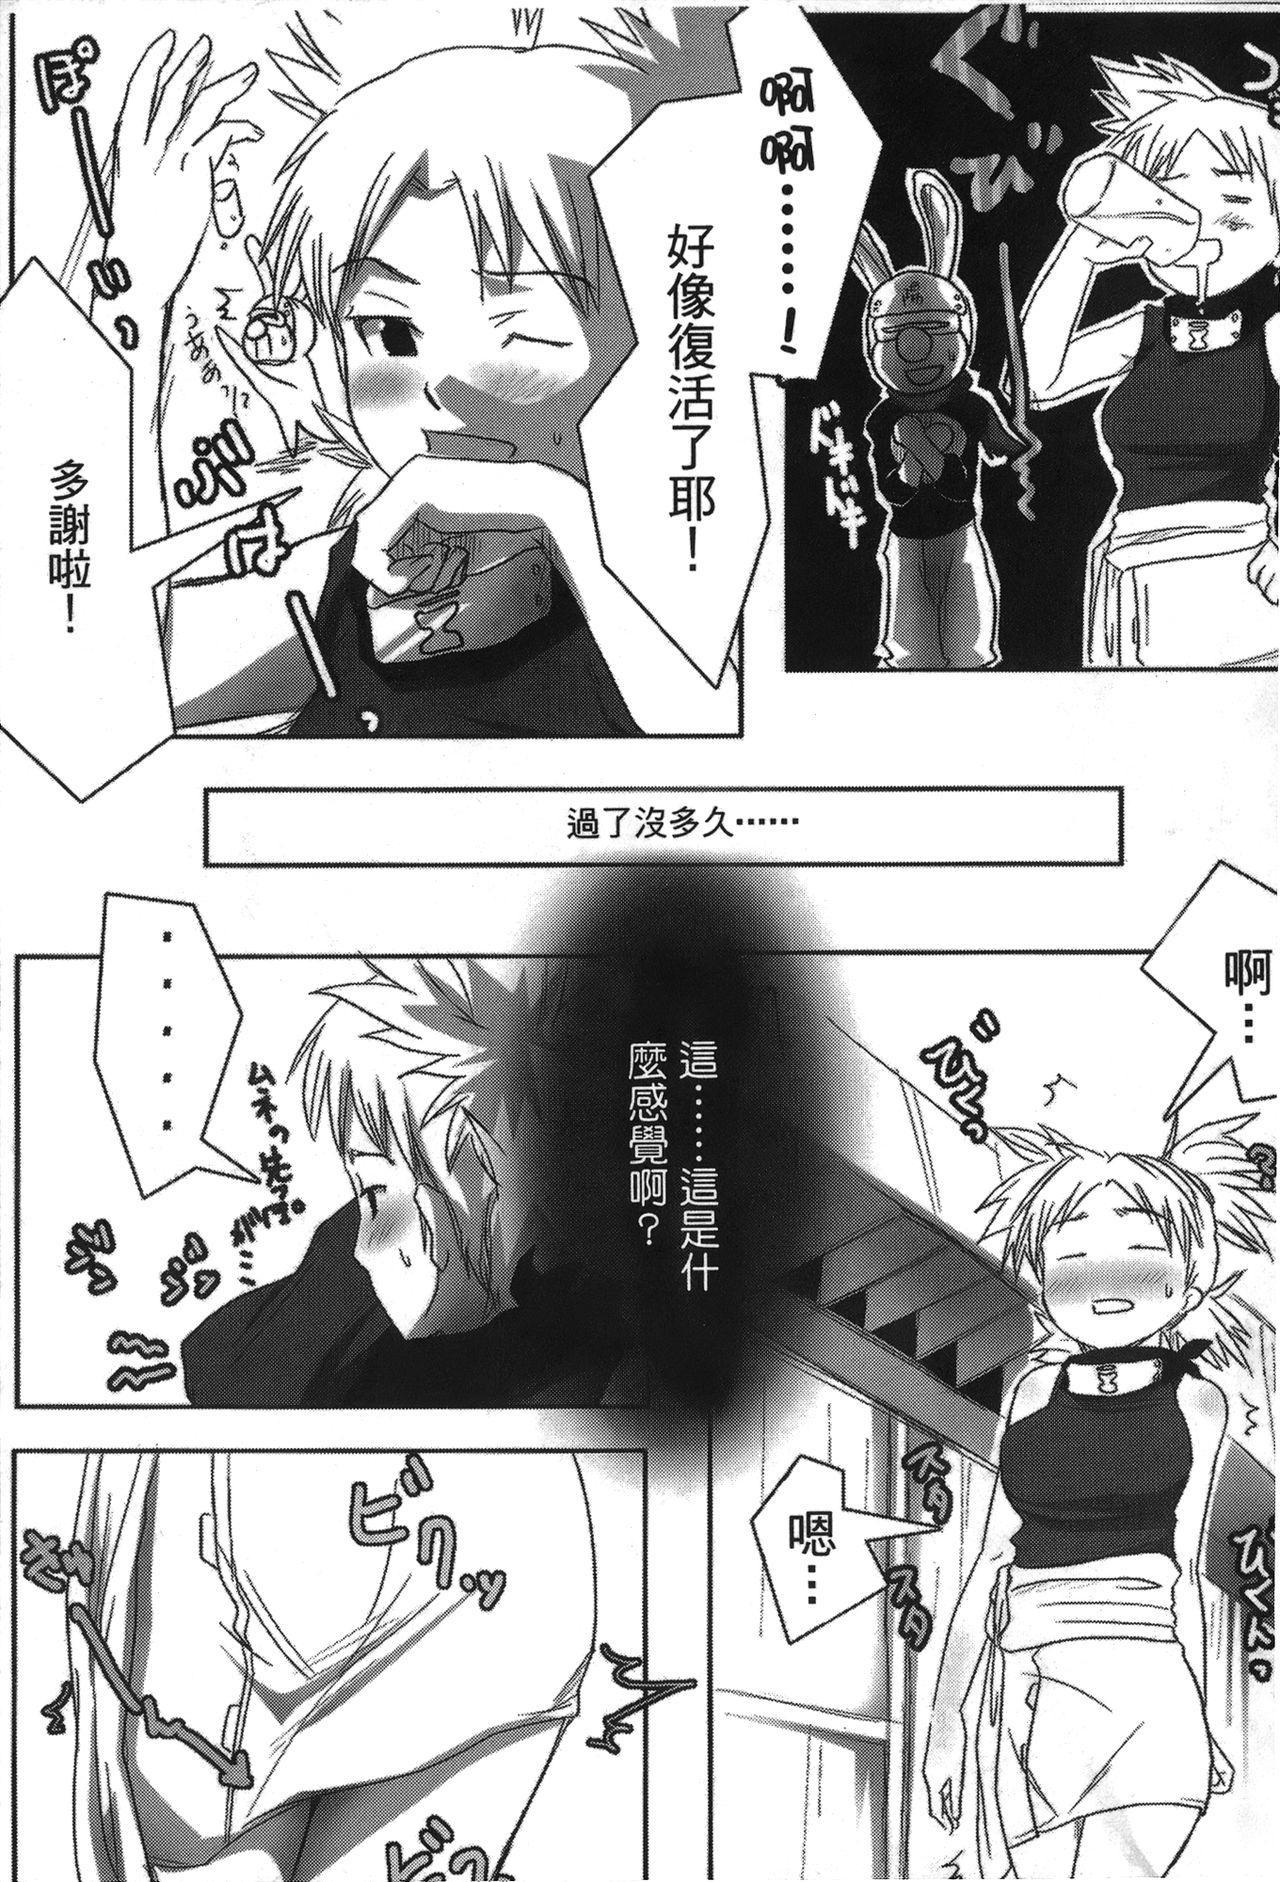 naruto ninja biography vol.02 25